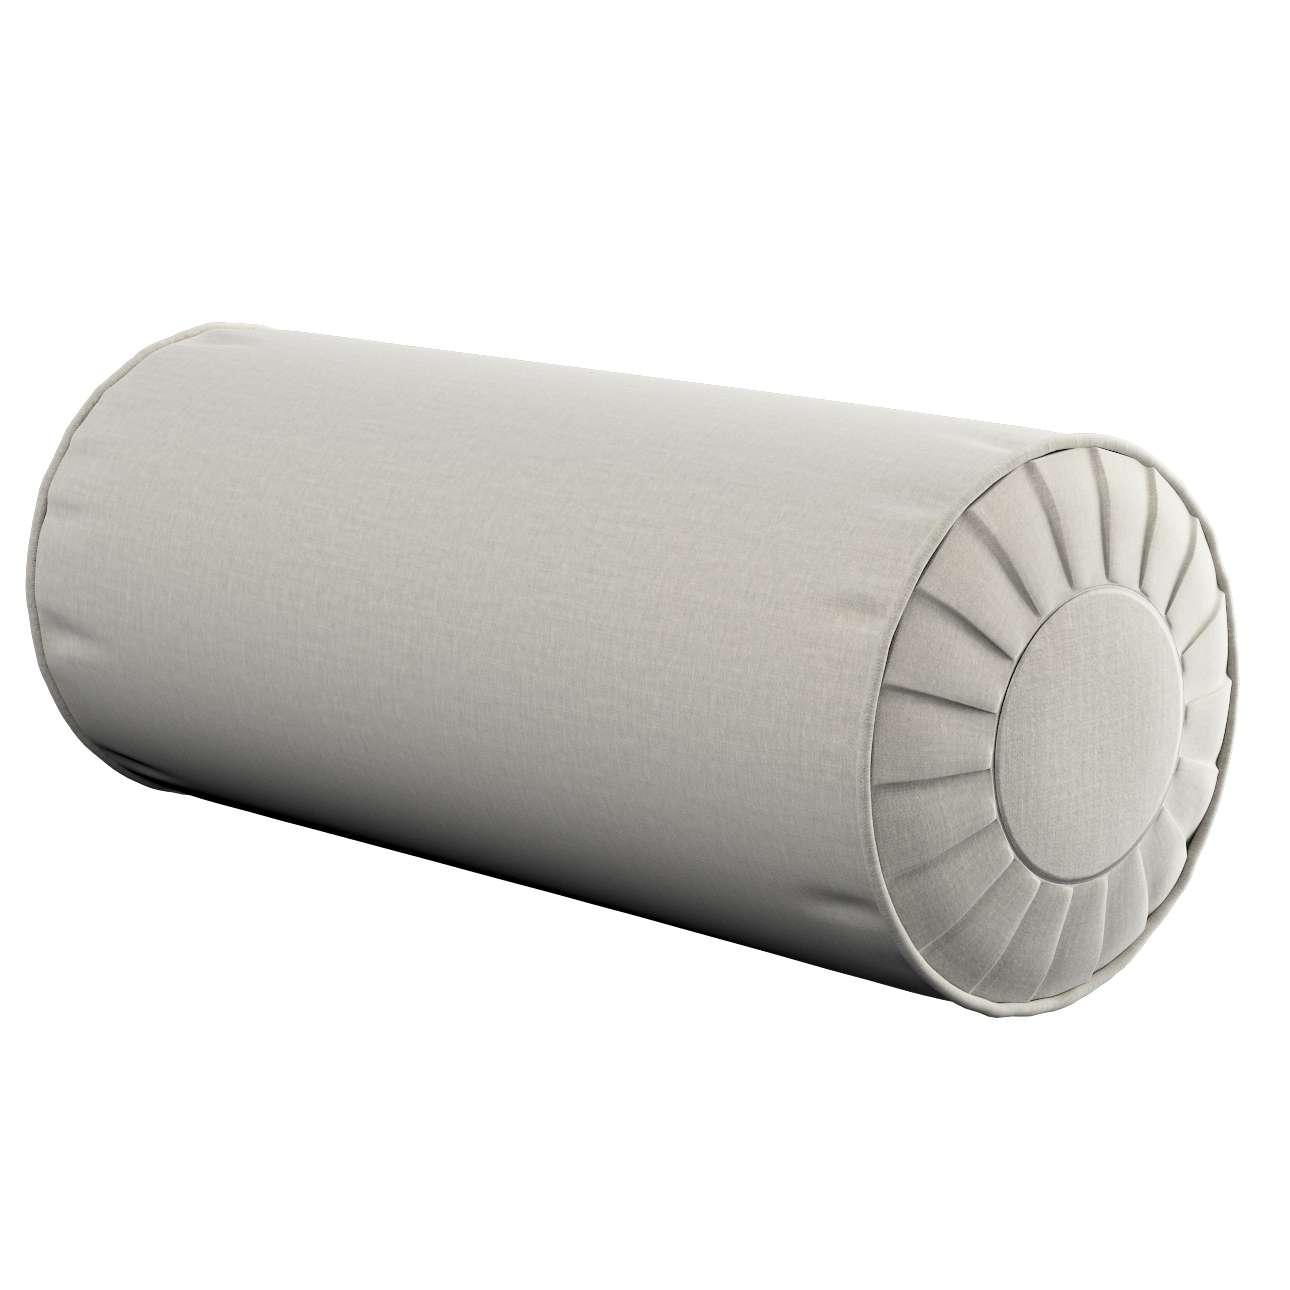 Poduszka wałek z zakładkami w kolekcji Ingrid, tkanina: 705-40